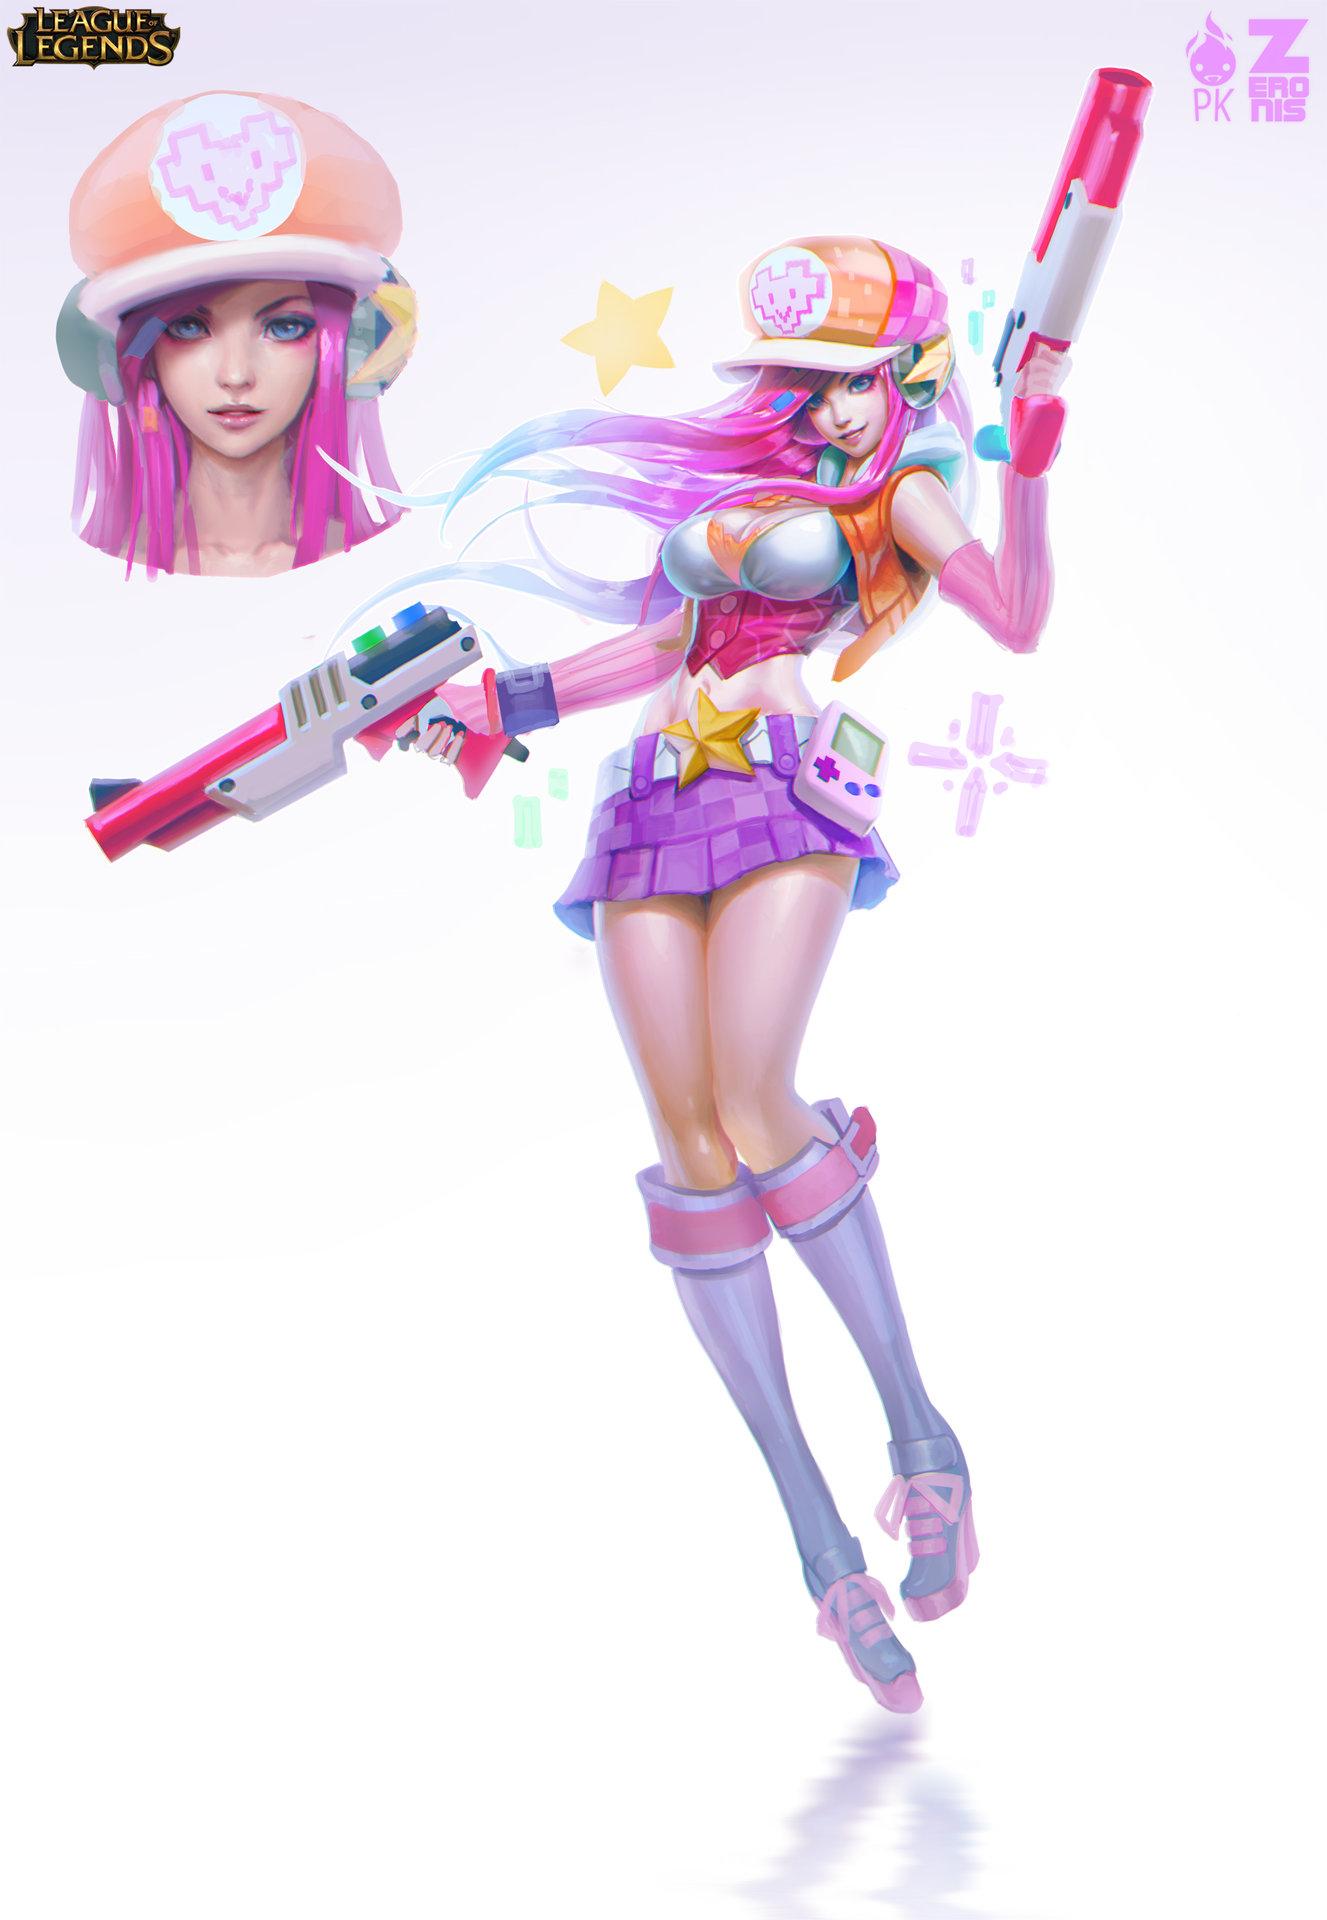 fortune costume miss Arcade